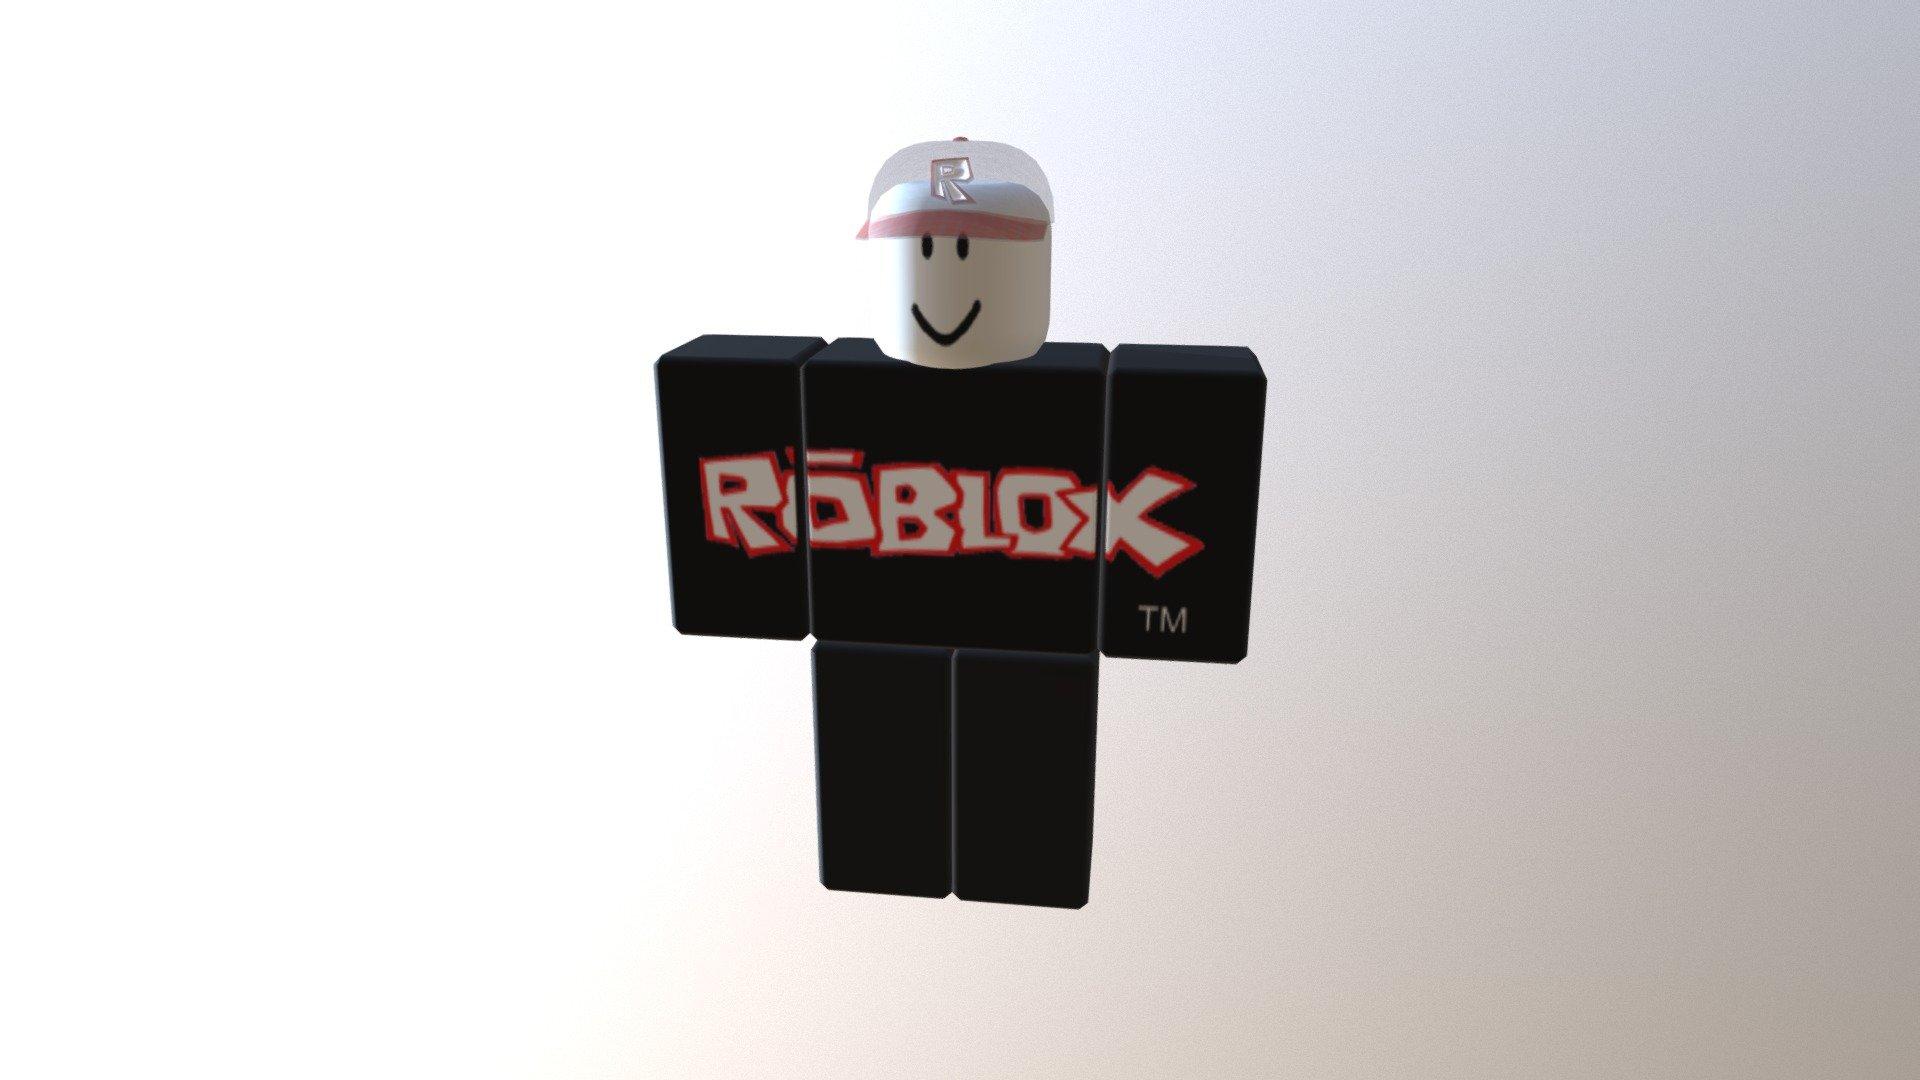 Old roblox guest - Download Free 3D model by Luke Steel ...